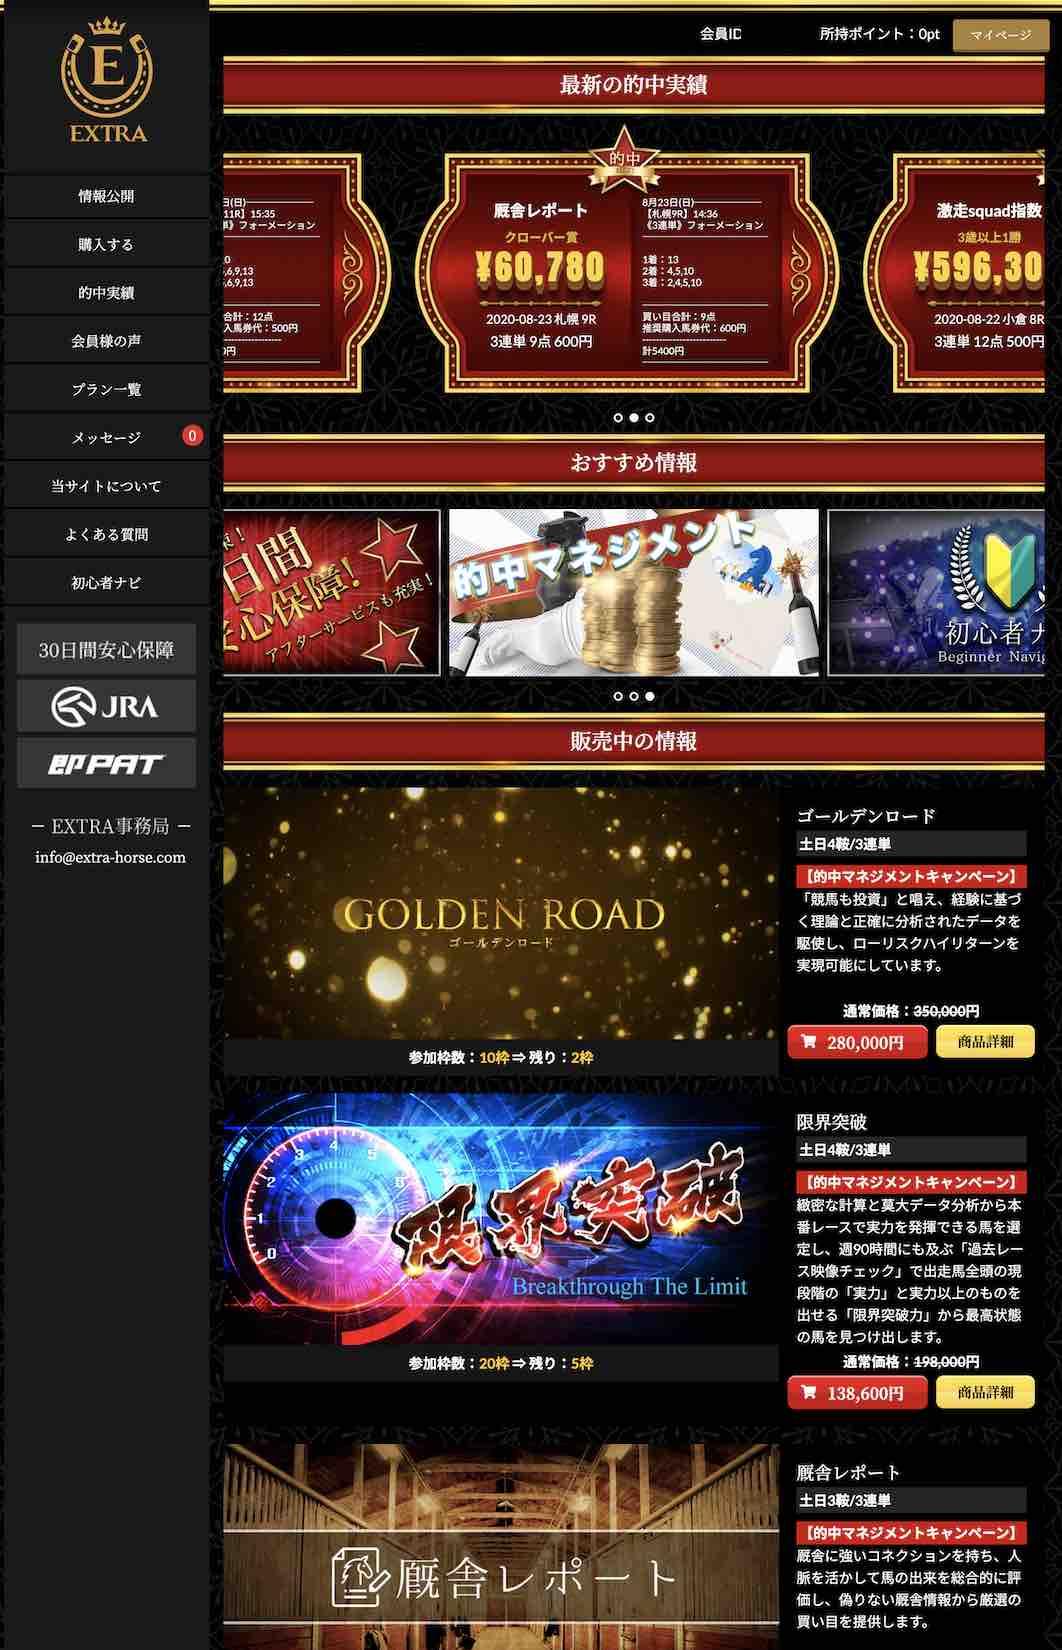 EXTRA(エクストラ)という競馬予想サイトの会員ページ